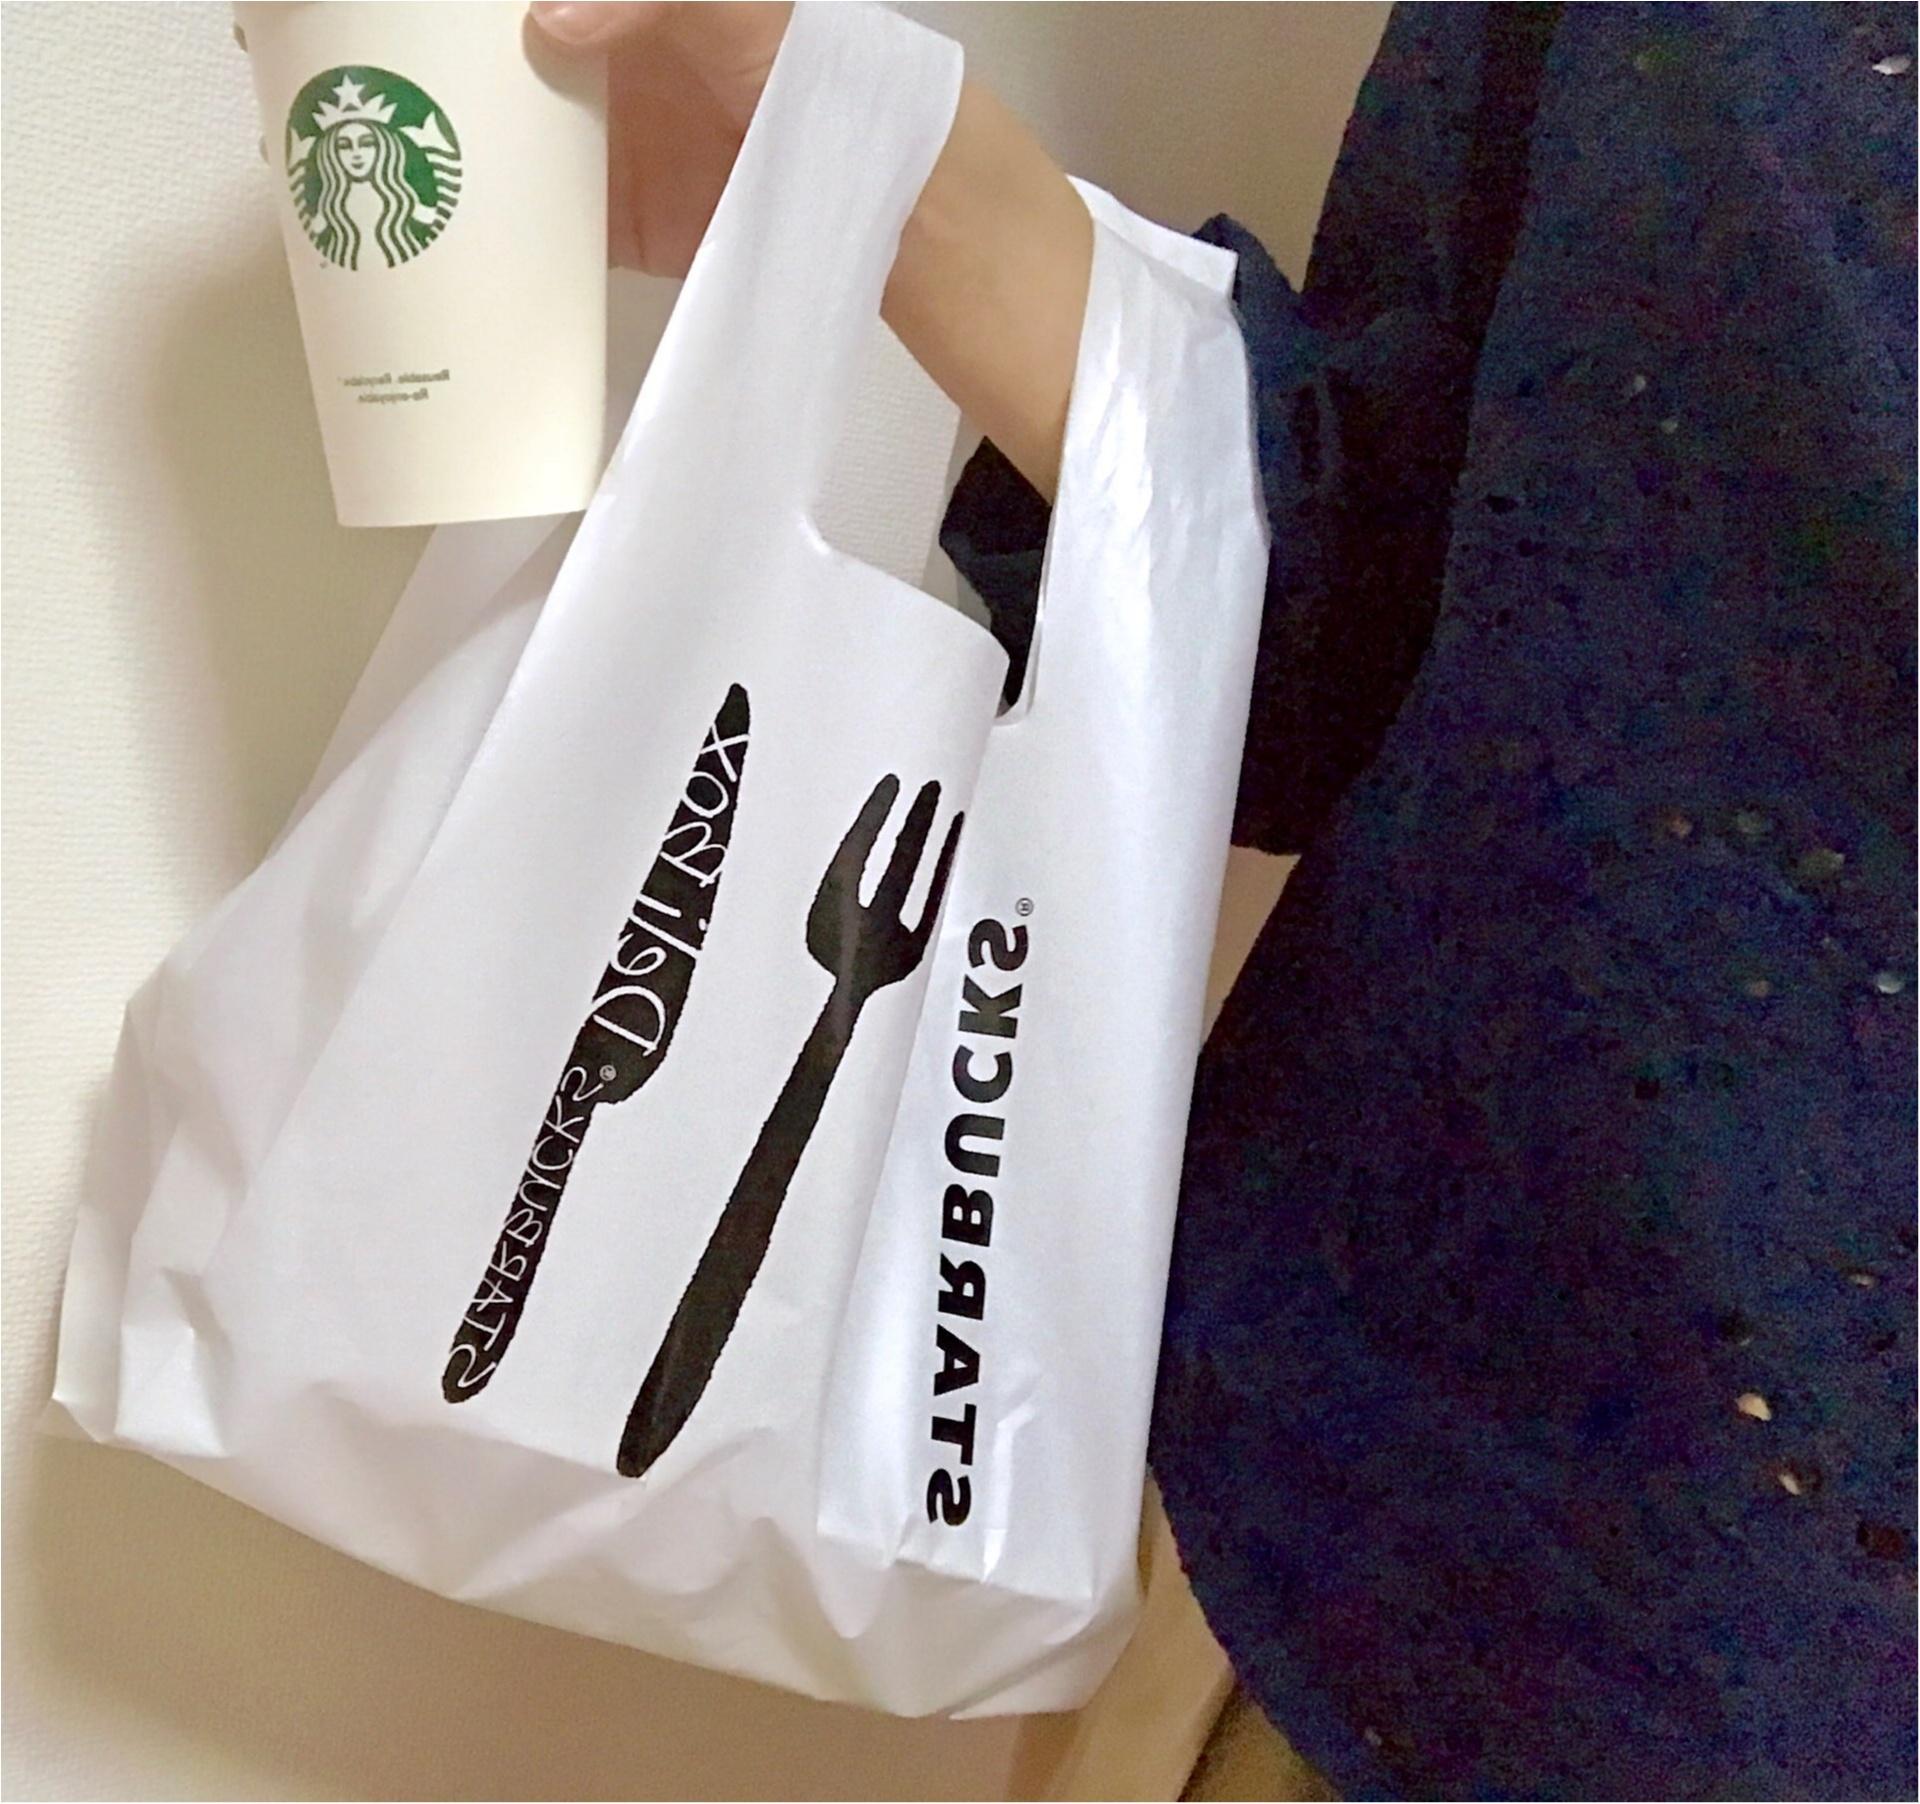 【スタバ】コーヒーだけじゃない!スタバ初!意識高い系ランチ《デリボックス》が本日新発売★肉×野菜×パスタが一度に摂れるボリューム満点ヘルシーデリ♡♡_4